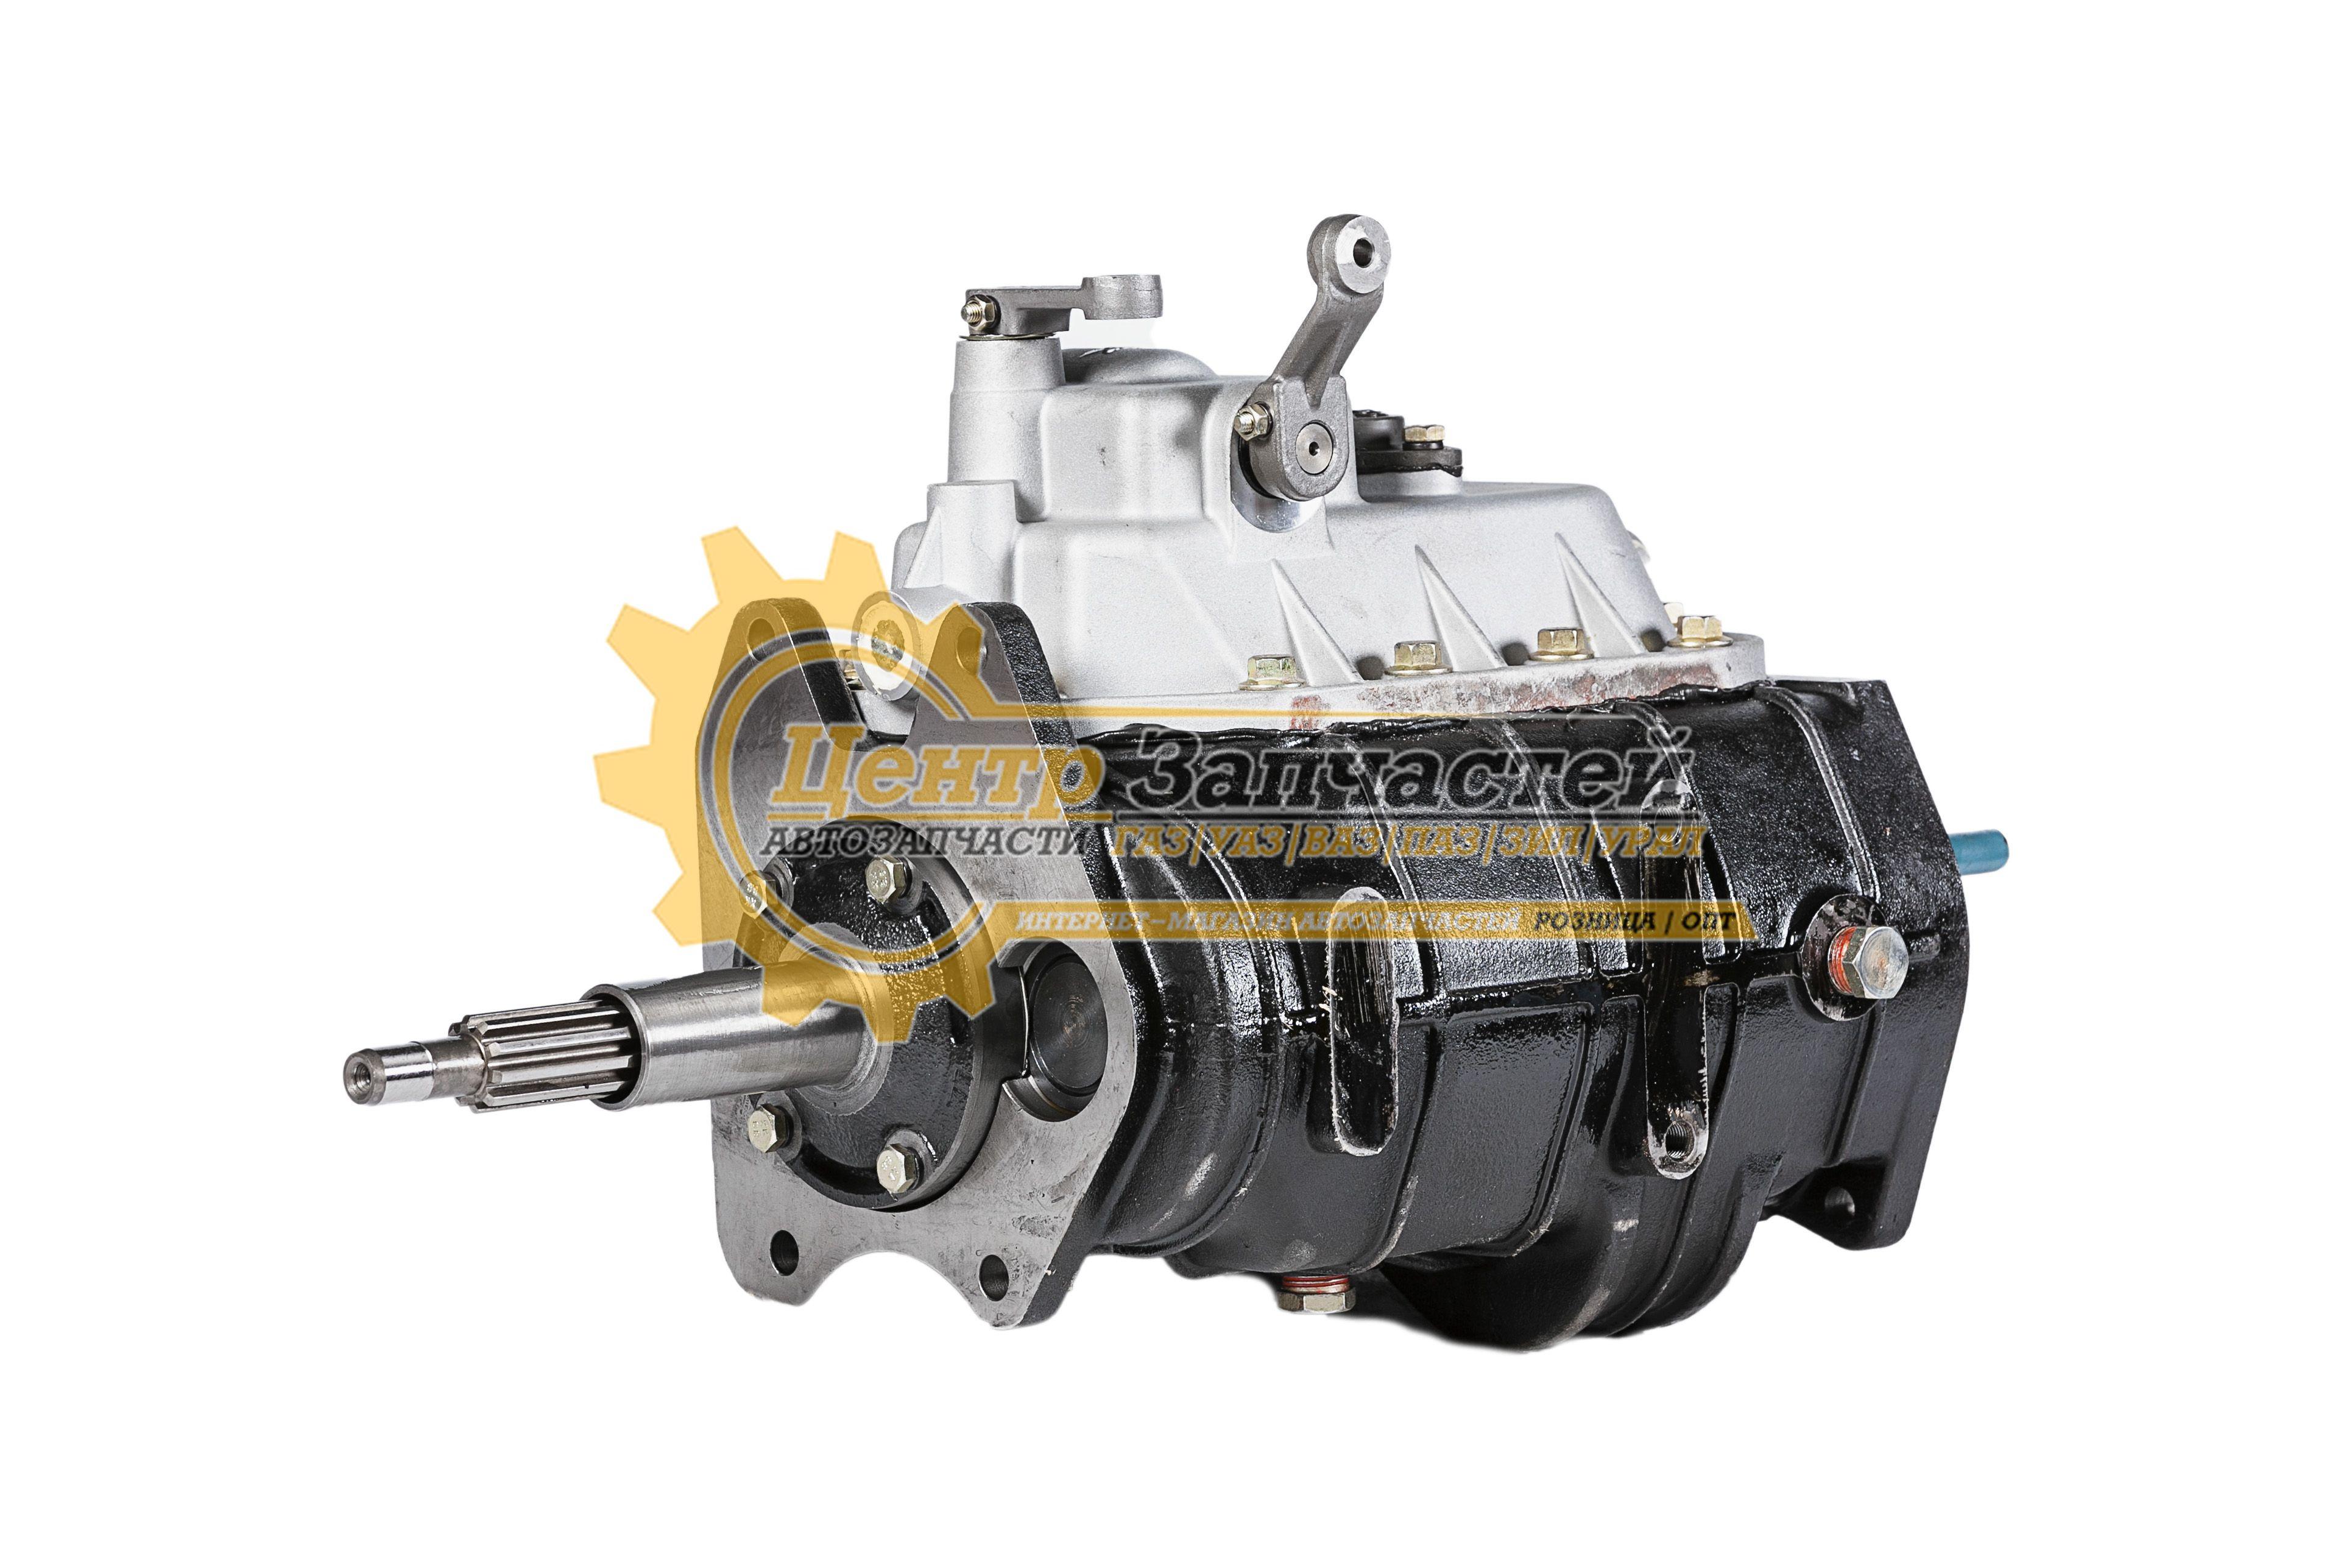 КПП УАЗ 452, 5-ст. АДС 3182-1700010. Артикул 420.3182-1700010.